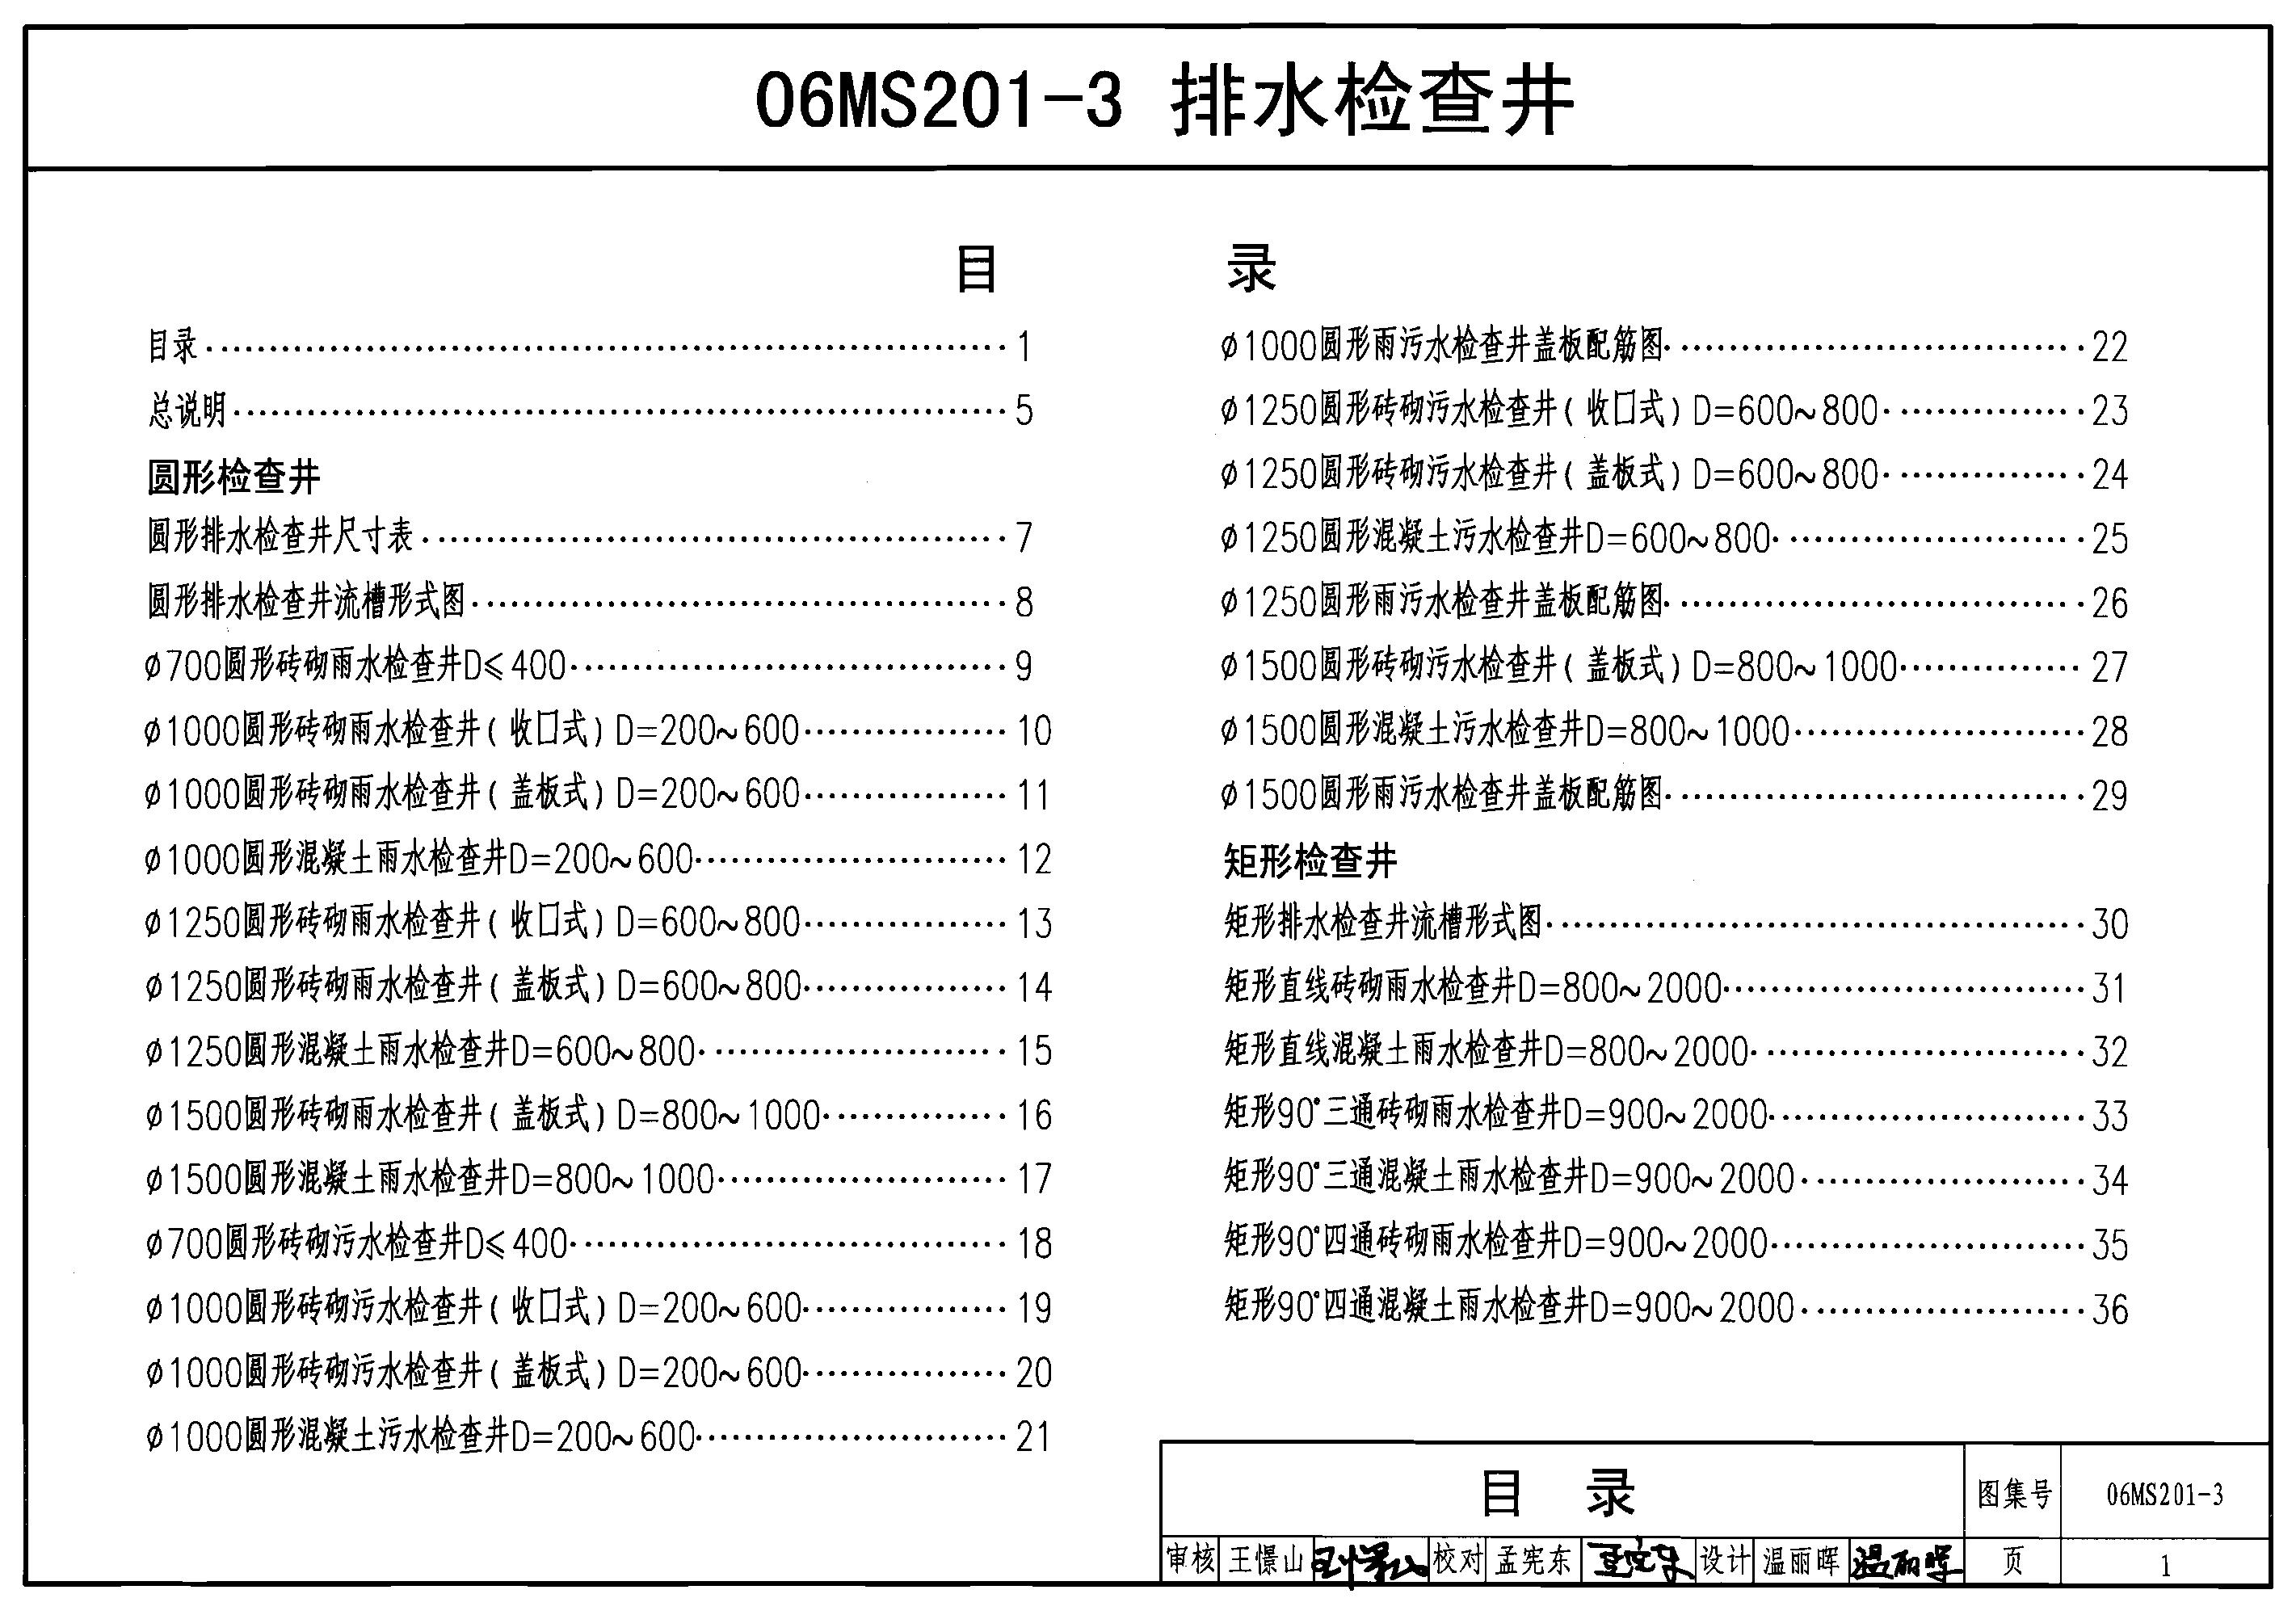 06MS201-3排水检查井图集